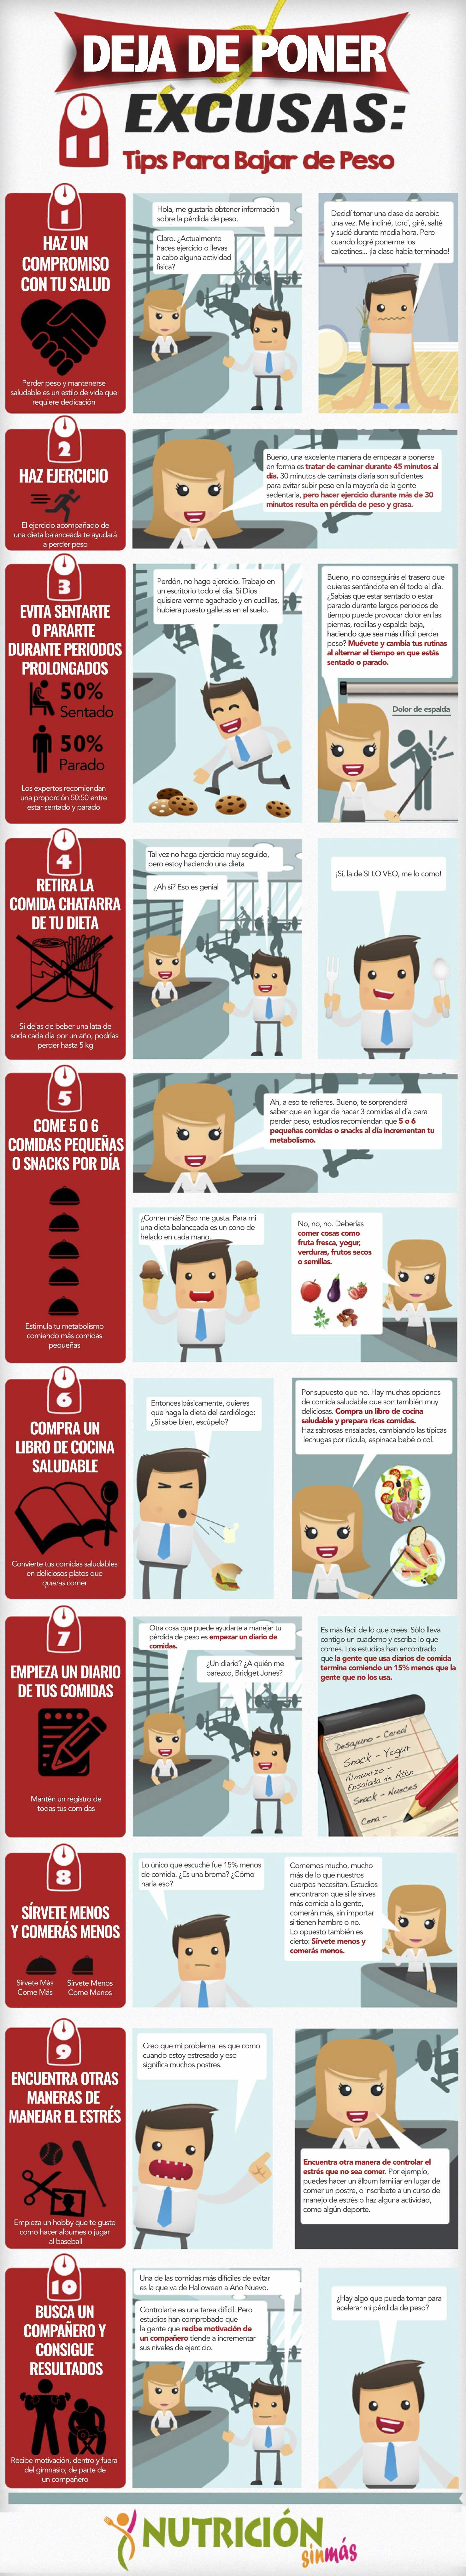 Metodo de perdida de peso noone